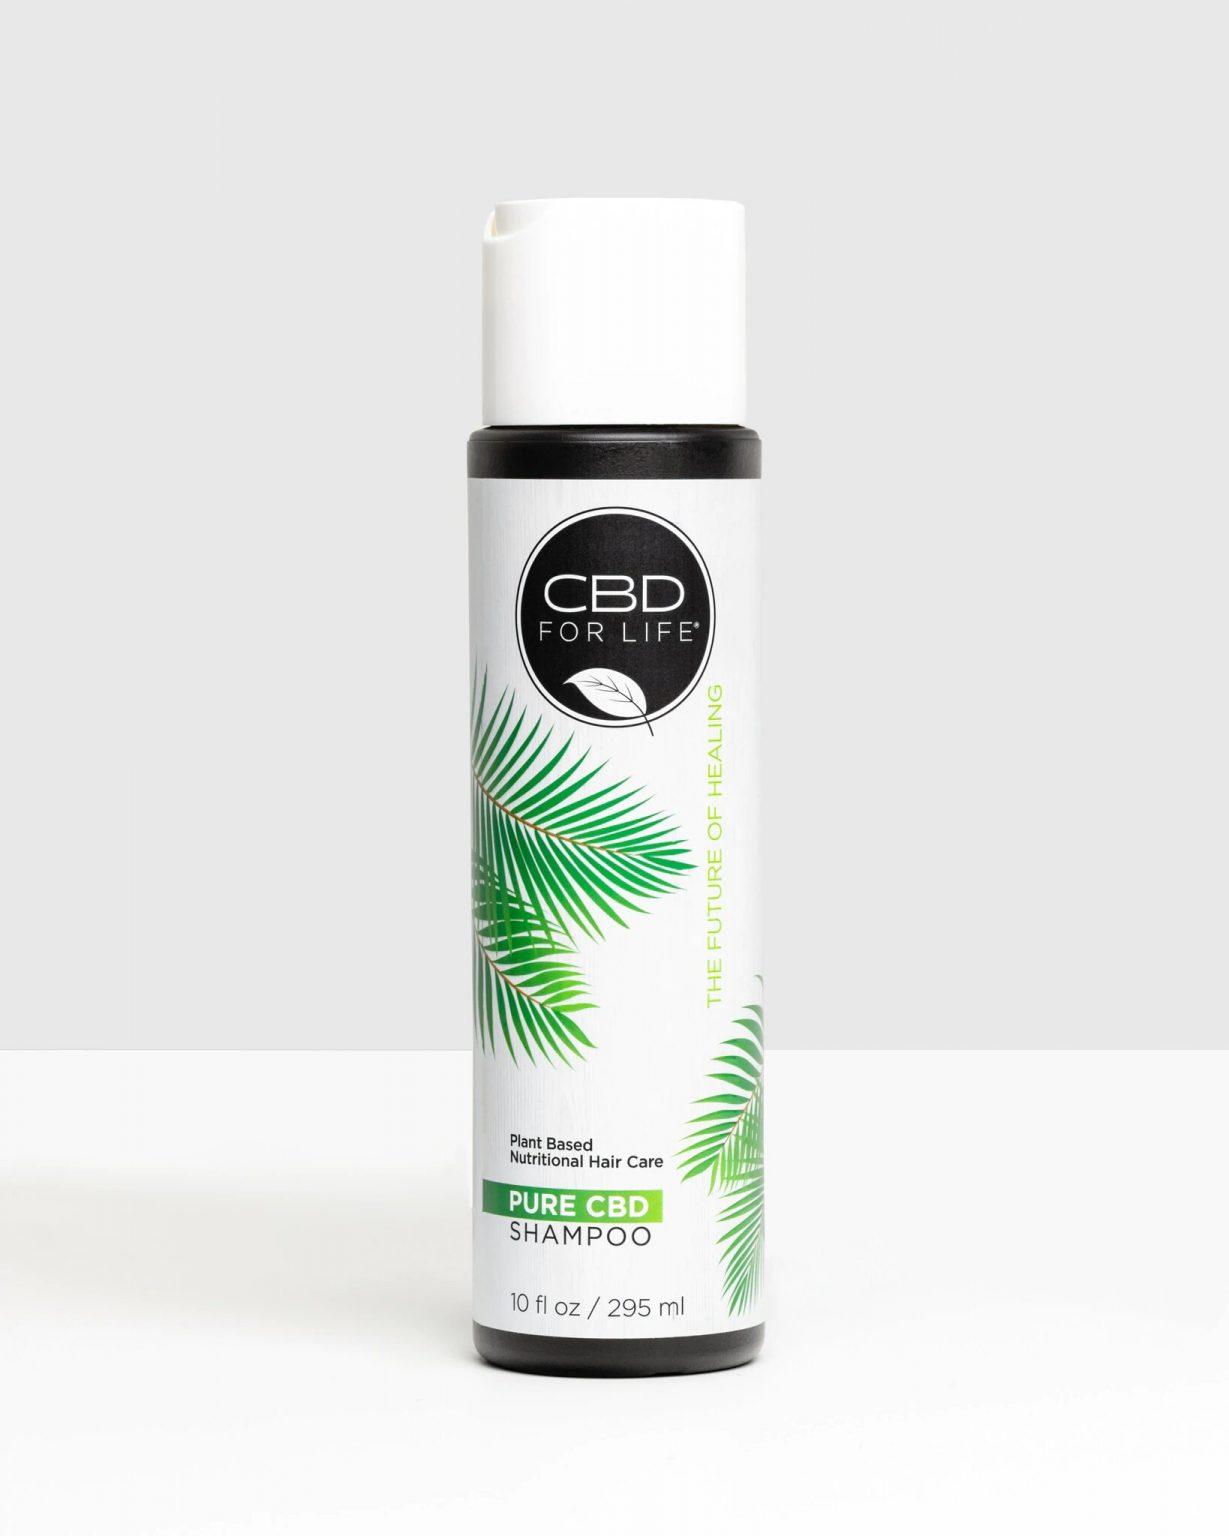 CBD For Life Pure CBD Shampoo